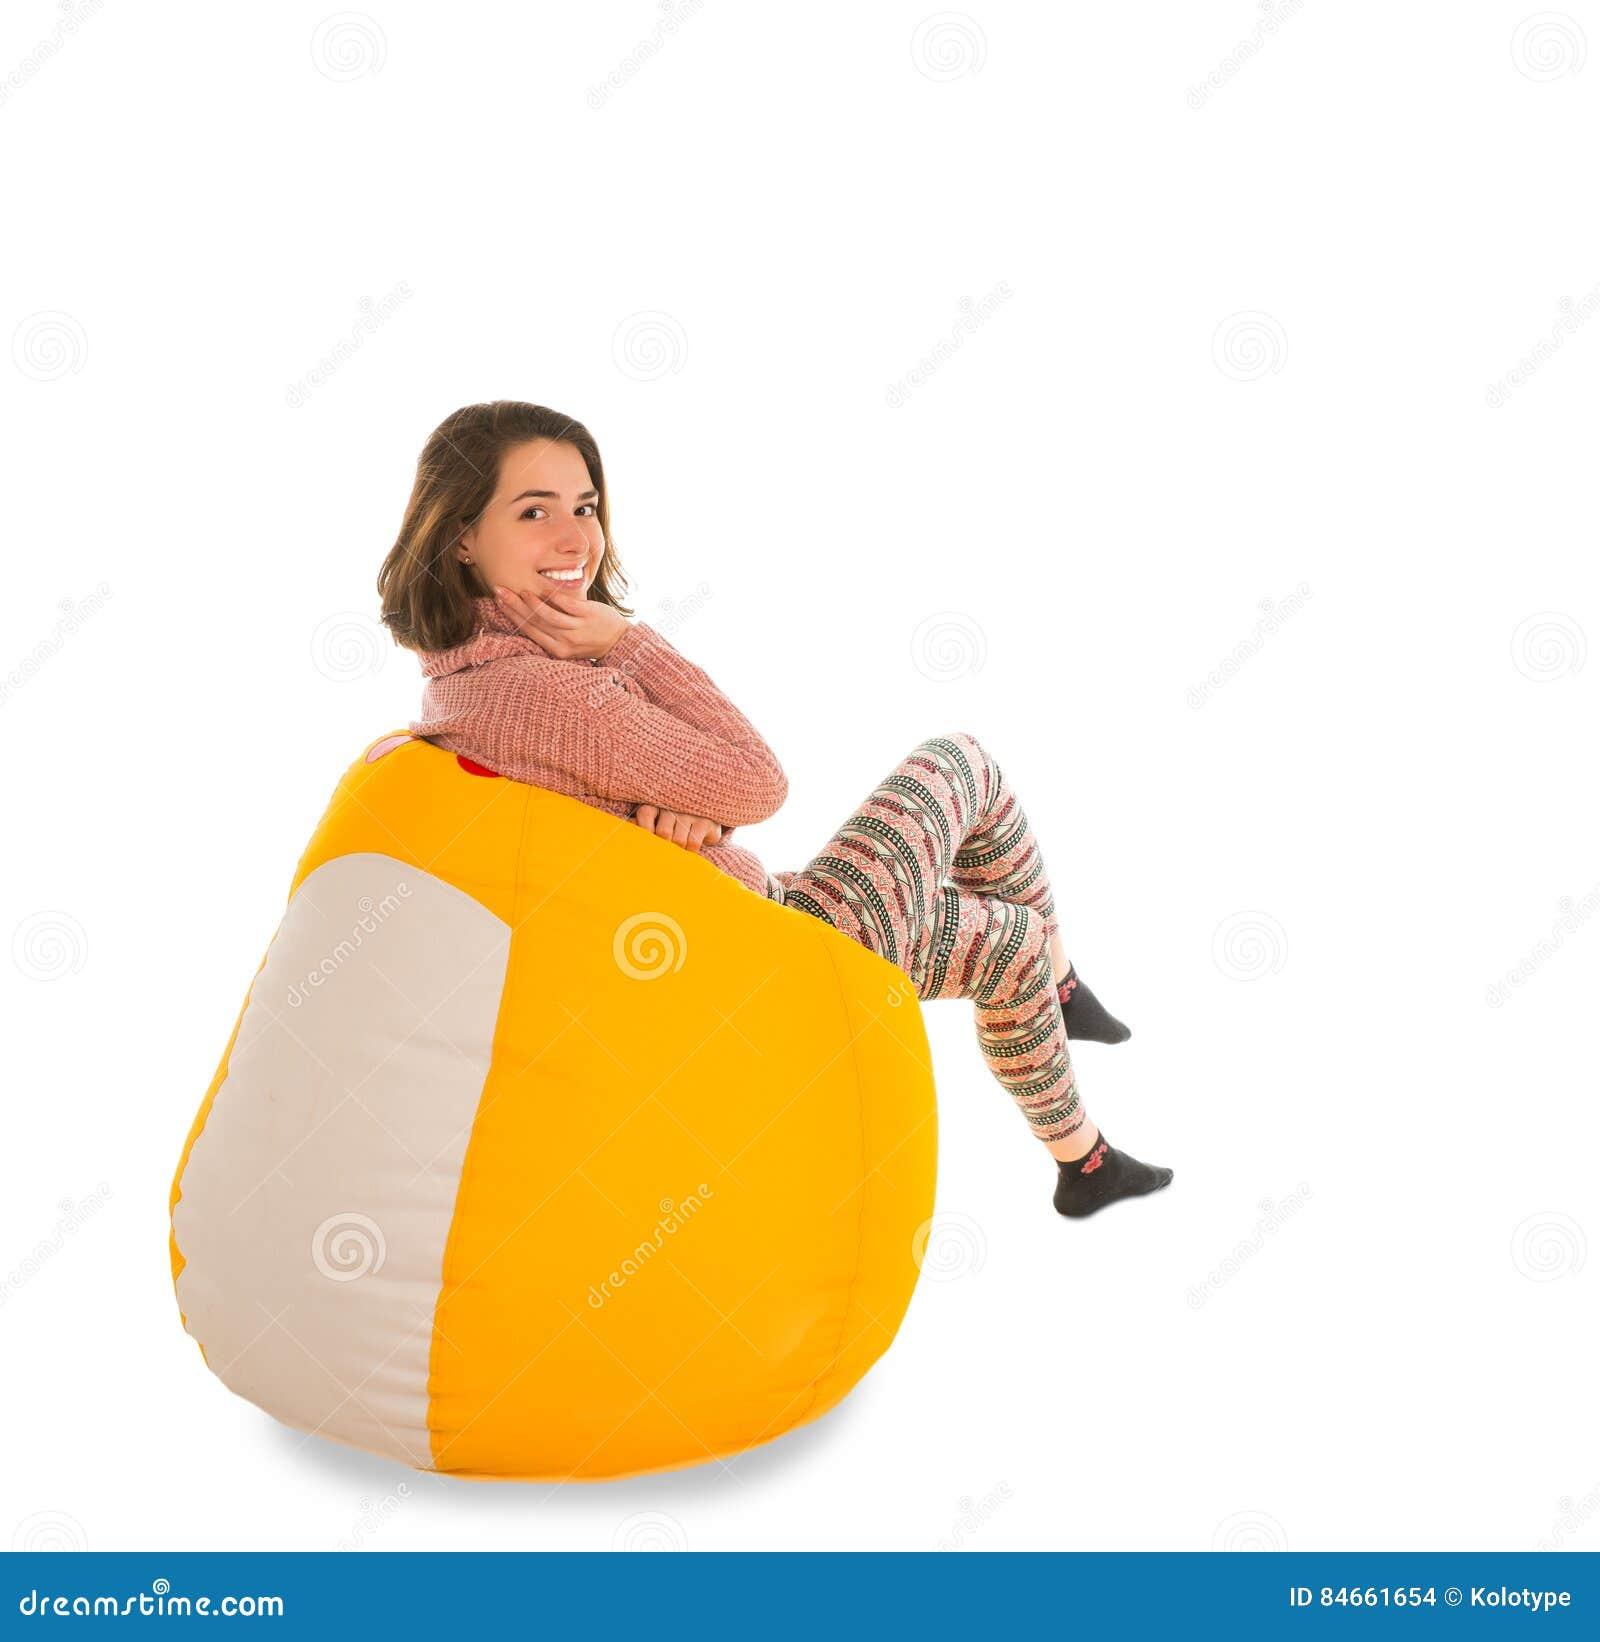 微笑的妇女侧视图坐黄色装豆子小布袋椅子isola